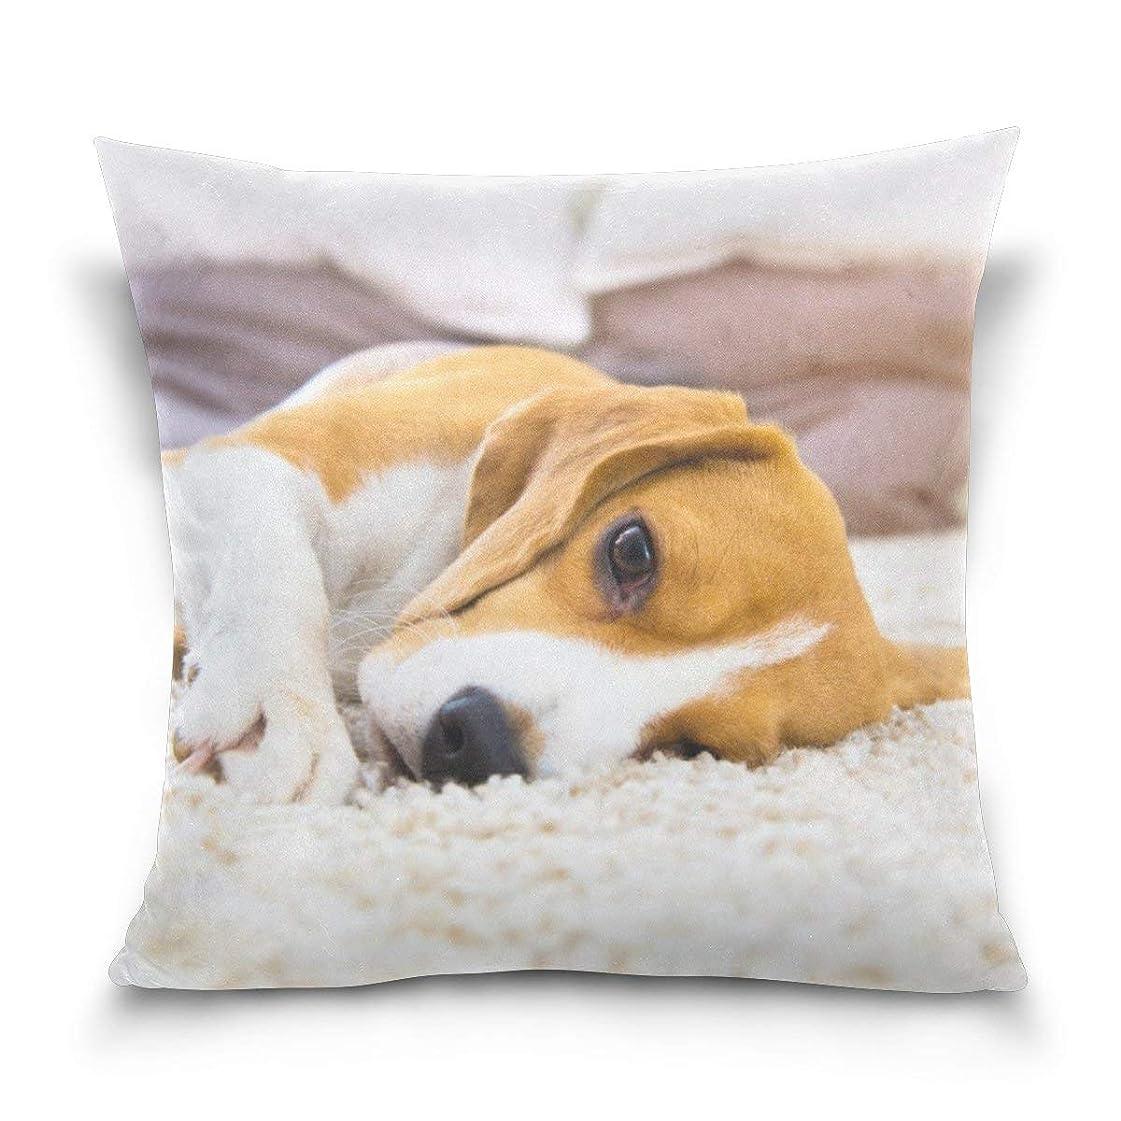 収容するサンドイッチ心配するスロー枕カバーポリエステルクッションケース用ホームソファベッドルームカー20x20インチ犬横になっているカーペットパターン枕カバー